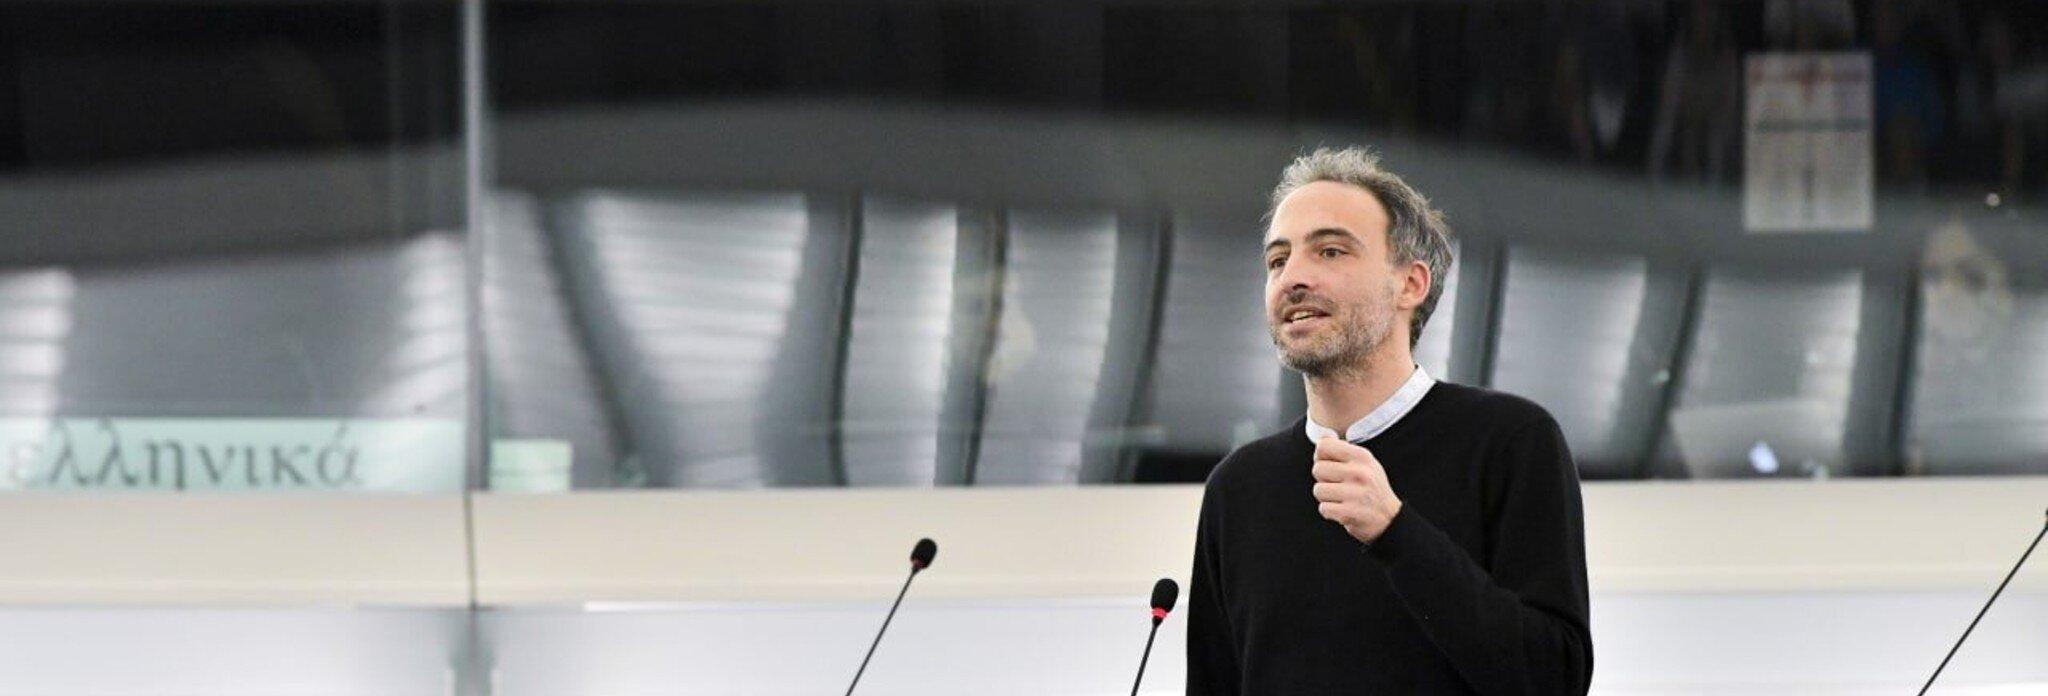 Raphaël Glucksmann: «Les citoyens veulent-ils financer une entreprise qui massacre des Ouïghours?»